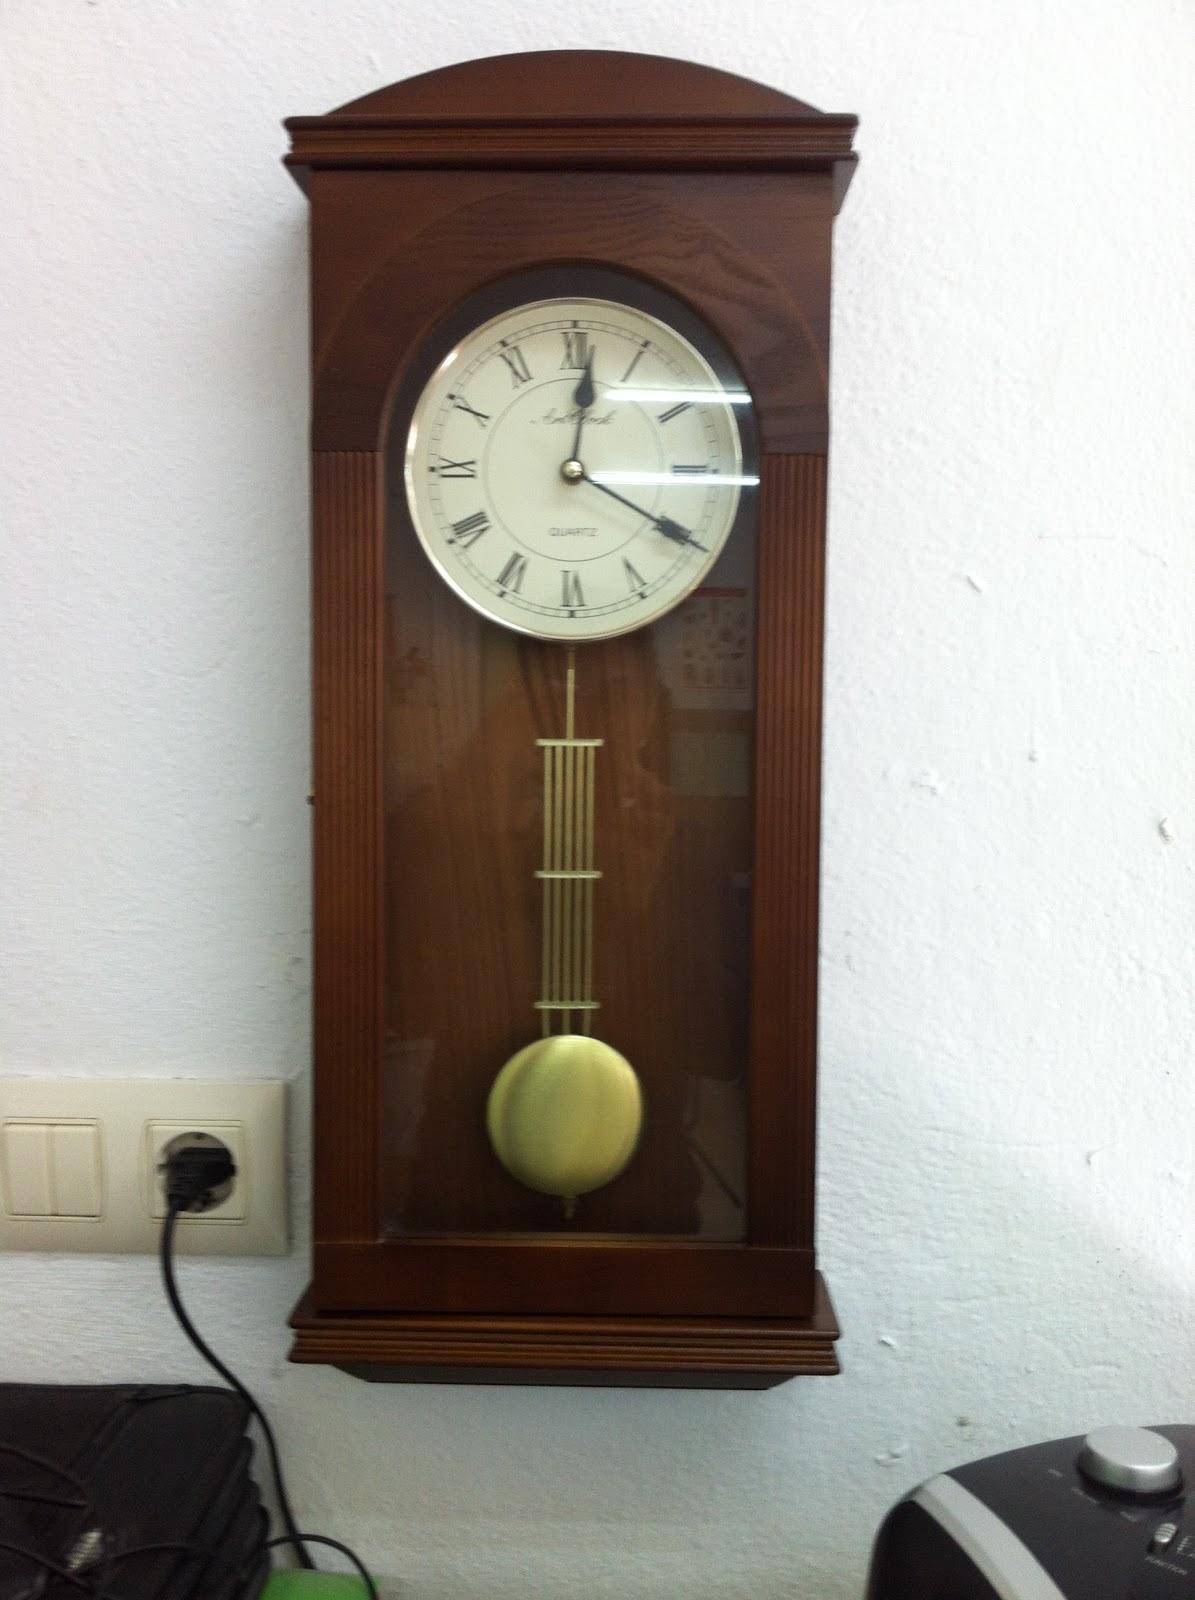 Nuestro mundillo tipos de relojes - Tipos de relojes ...